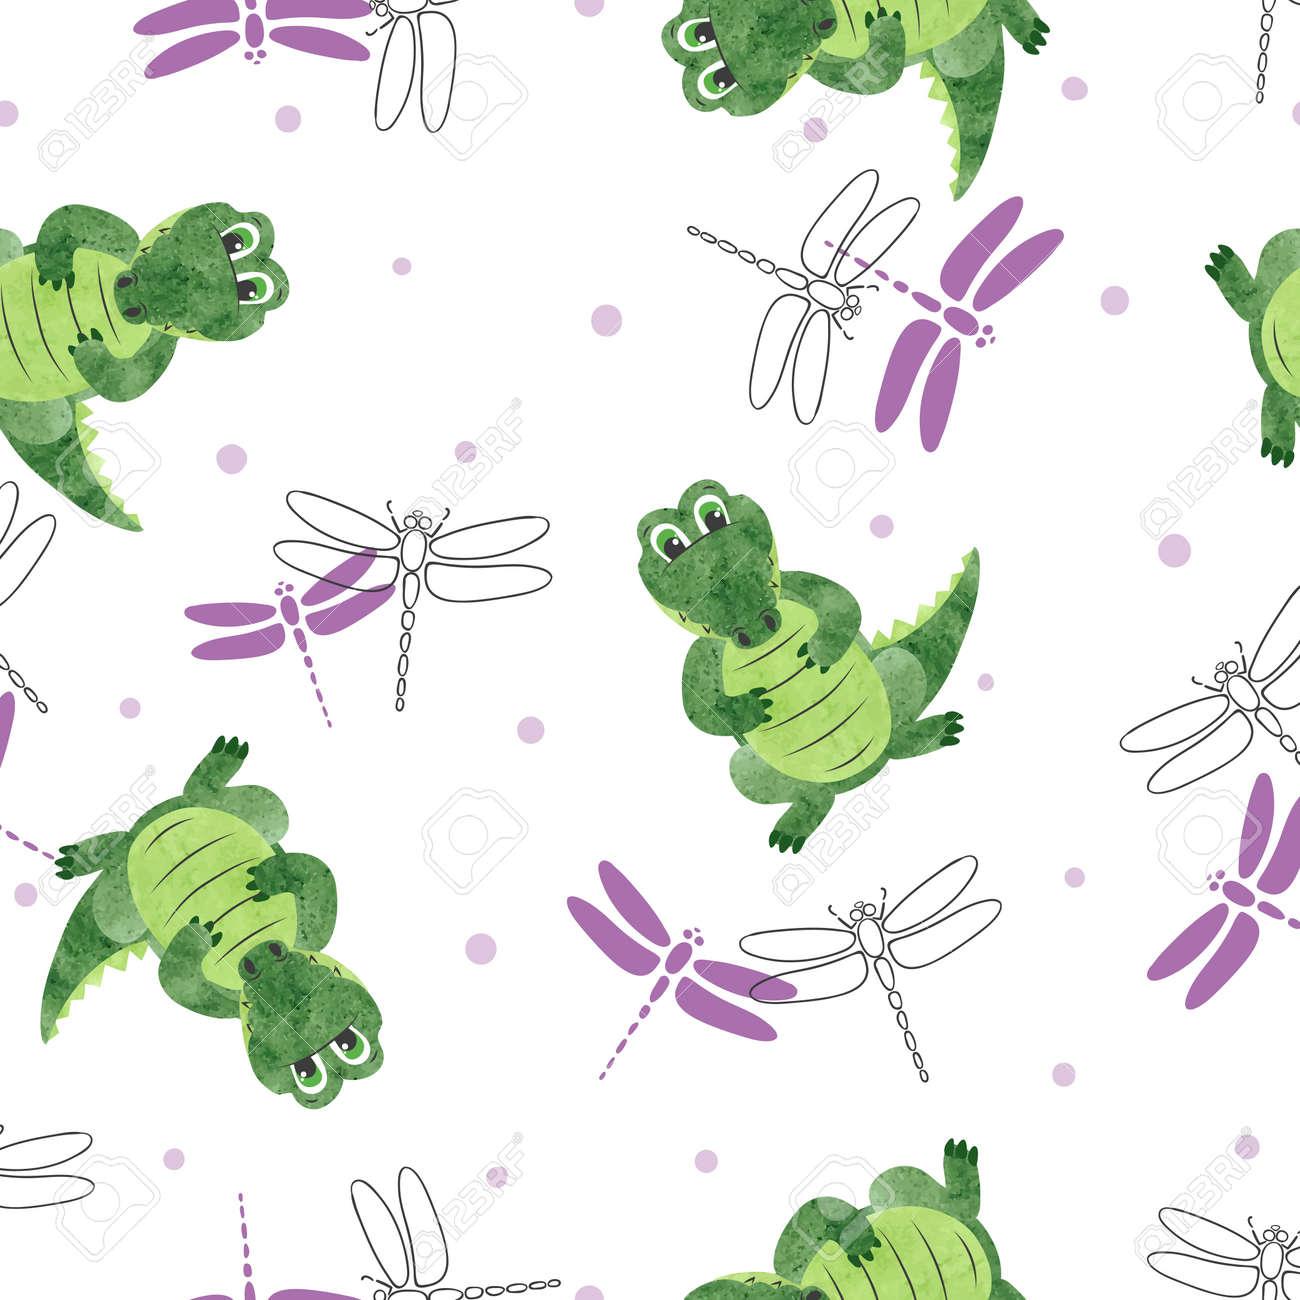 Patrones De Cocodrilos De Dibujos Animados Sin Fisuras. Fondo De ...